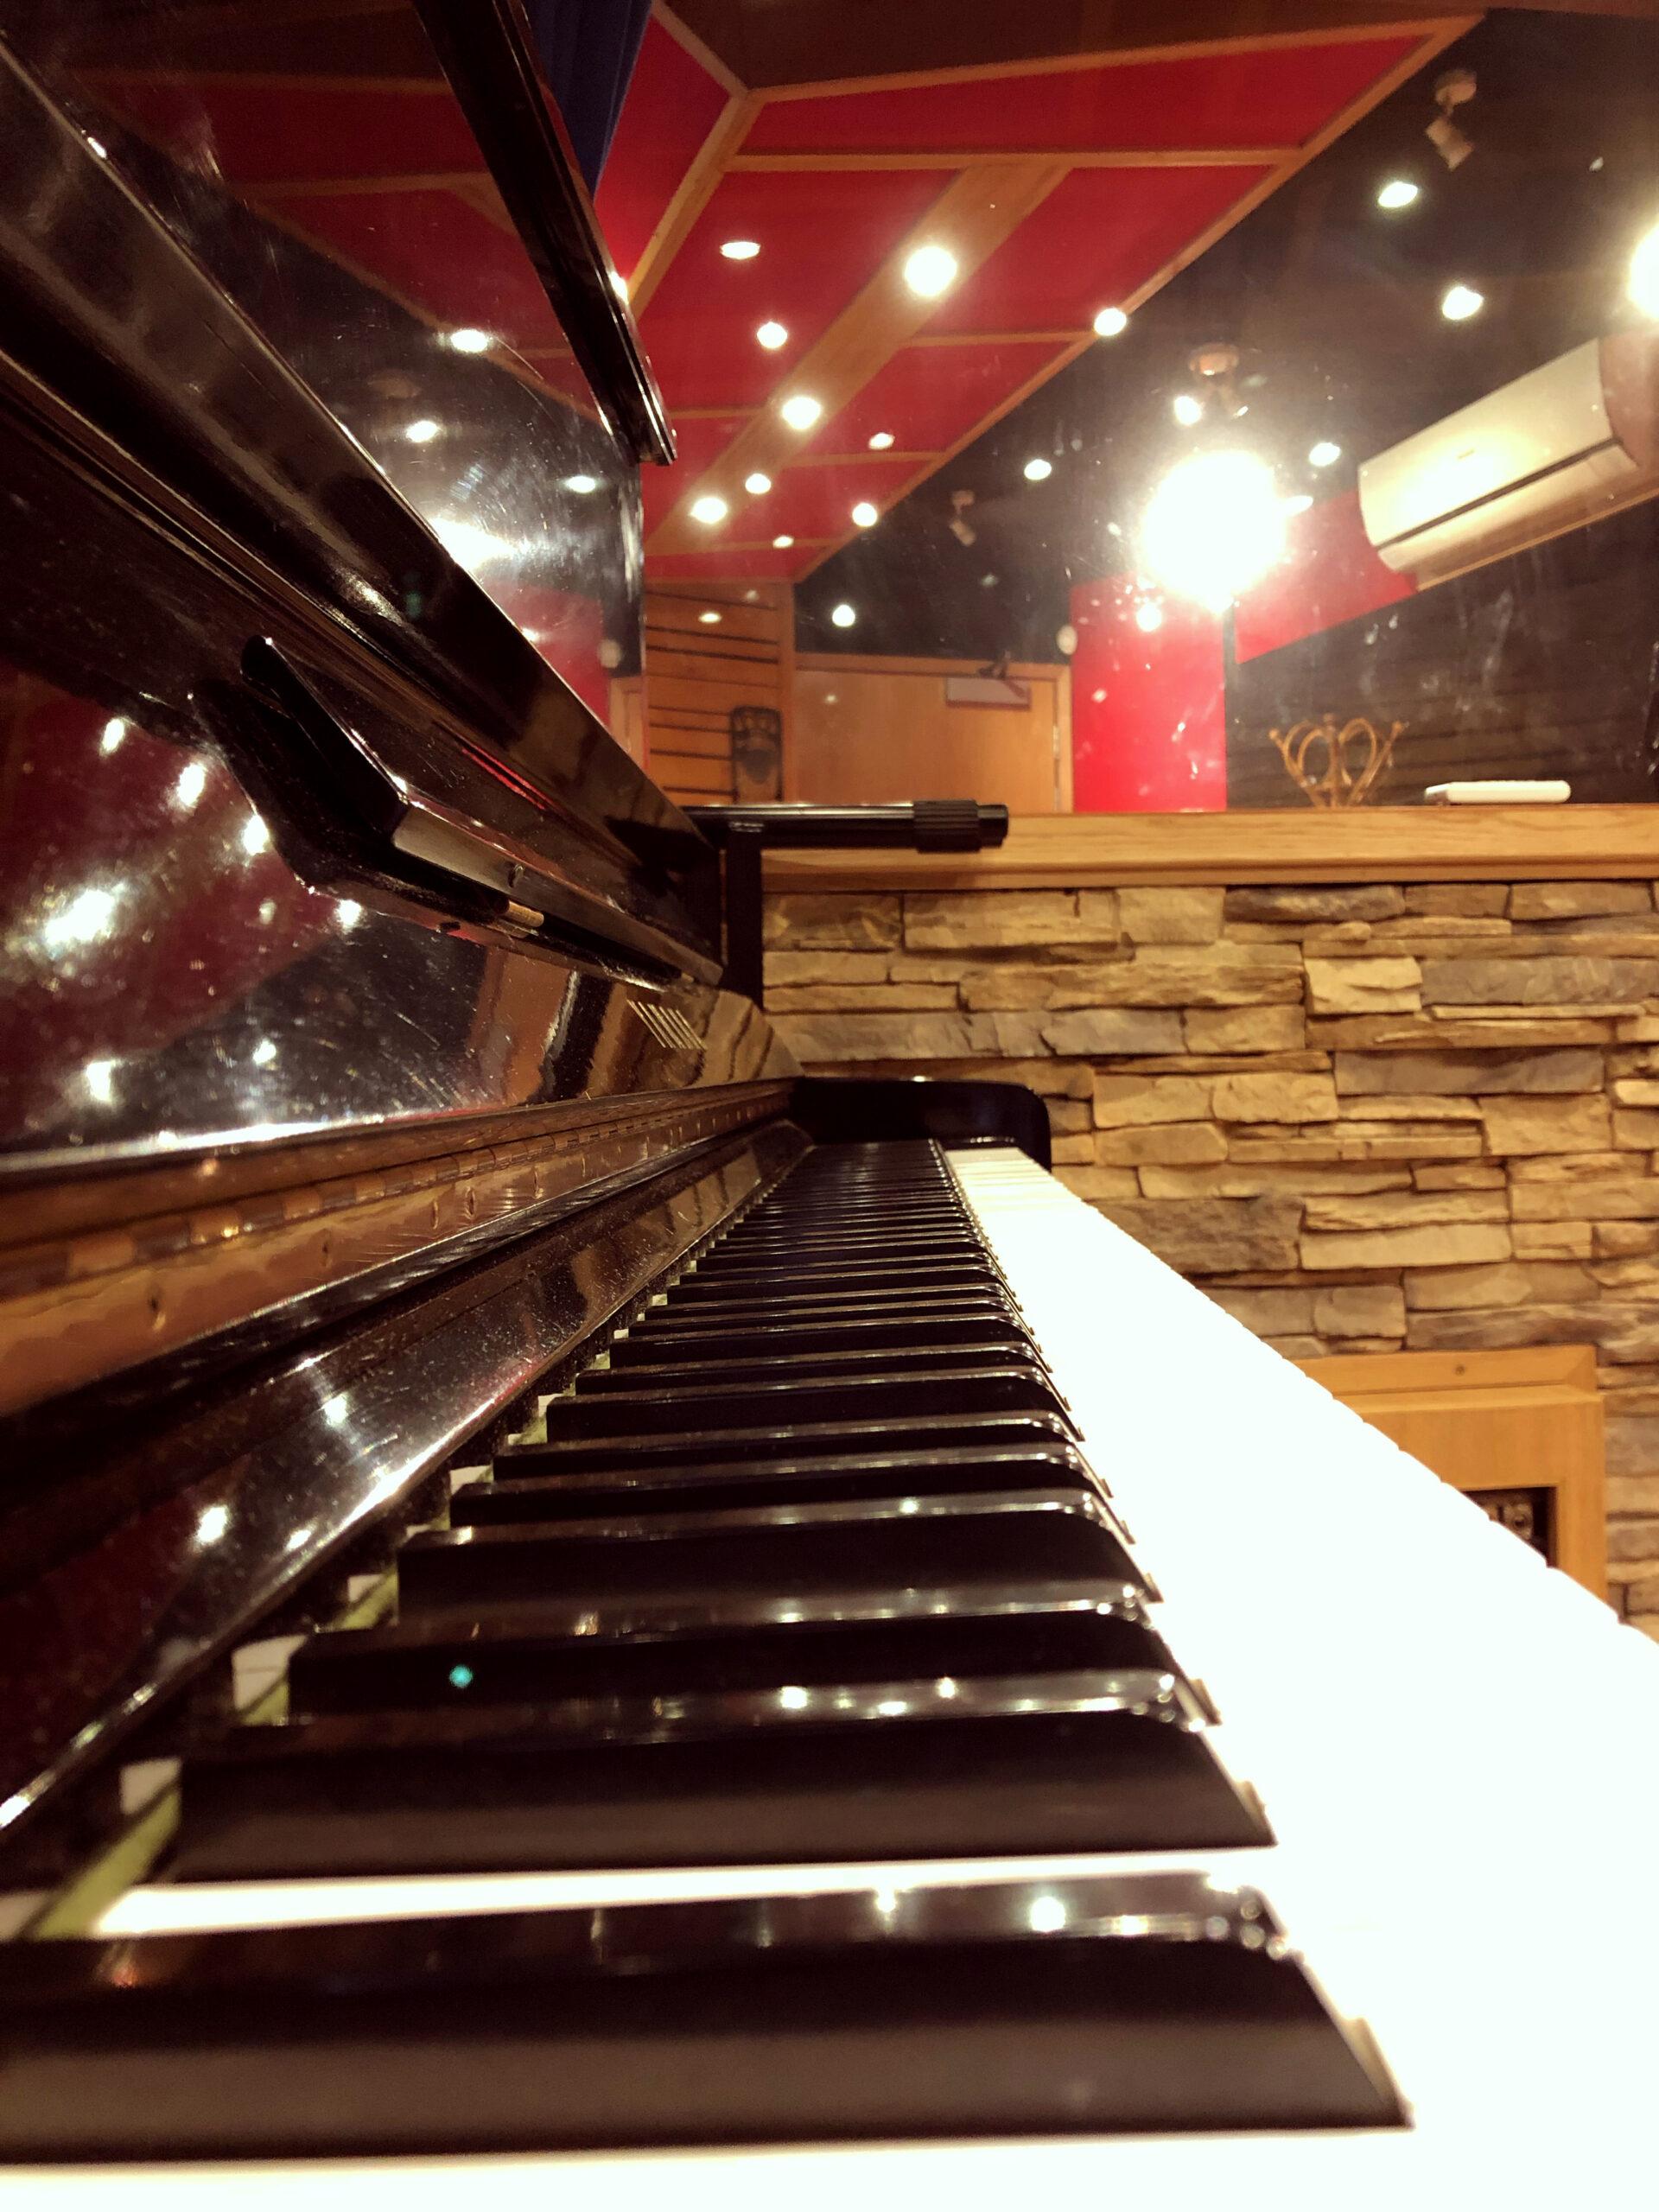 Slipway-Studio_Yamaha-U3-piano_2-1